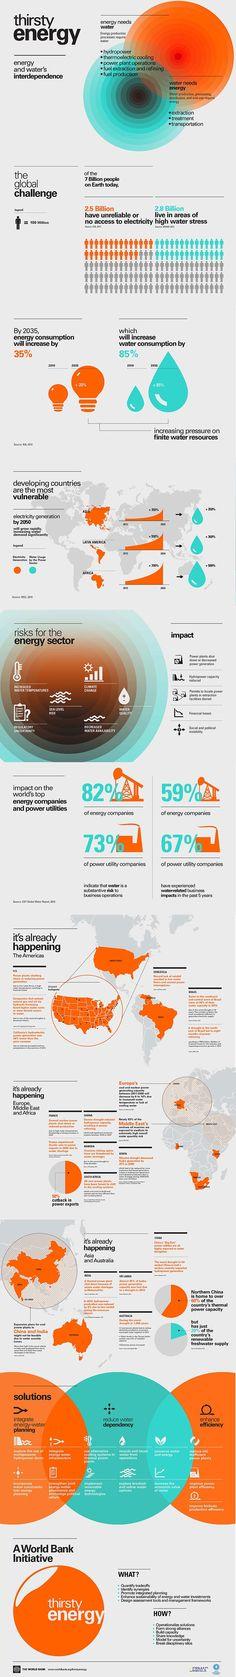 Water Thirsty Energy Infographic El Agua y la Energía, componentes básicos de la vida: Infografía